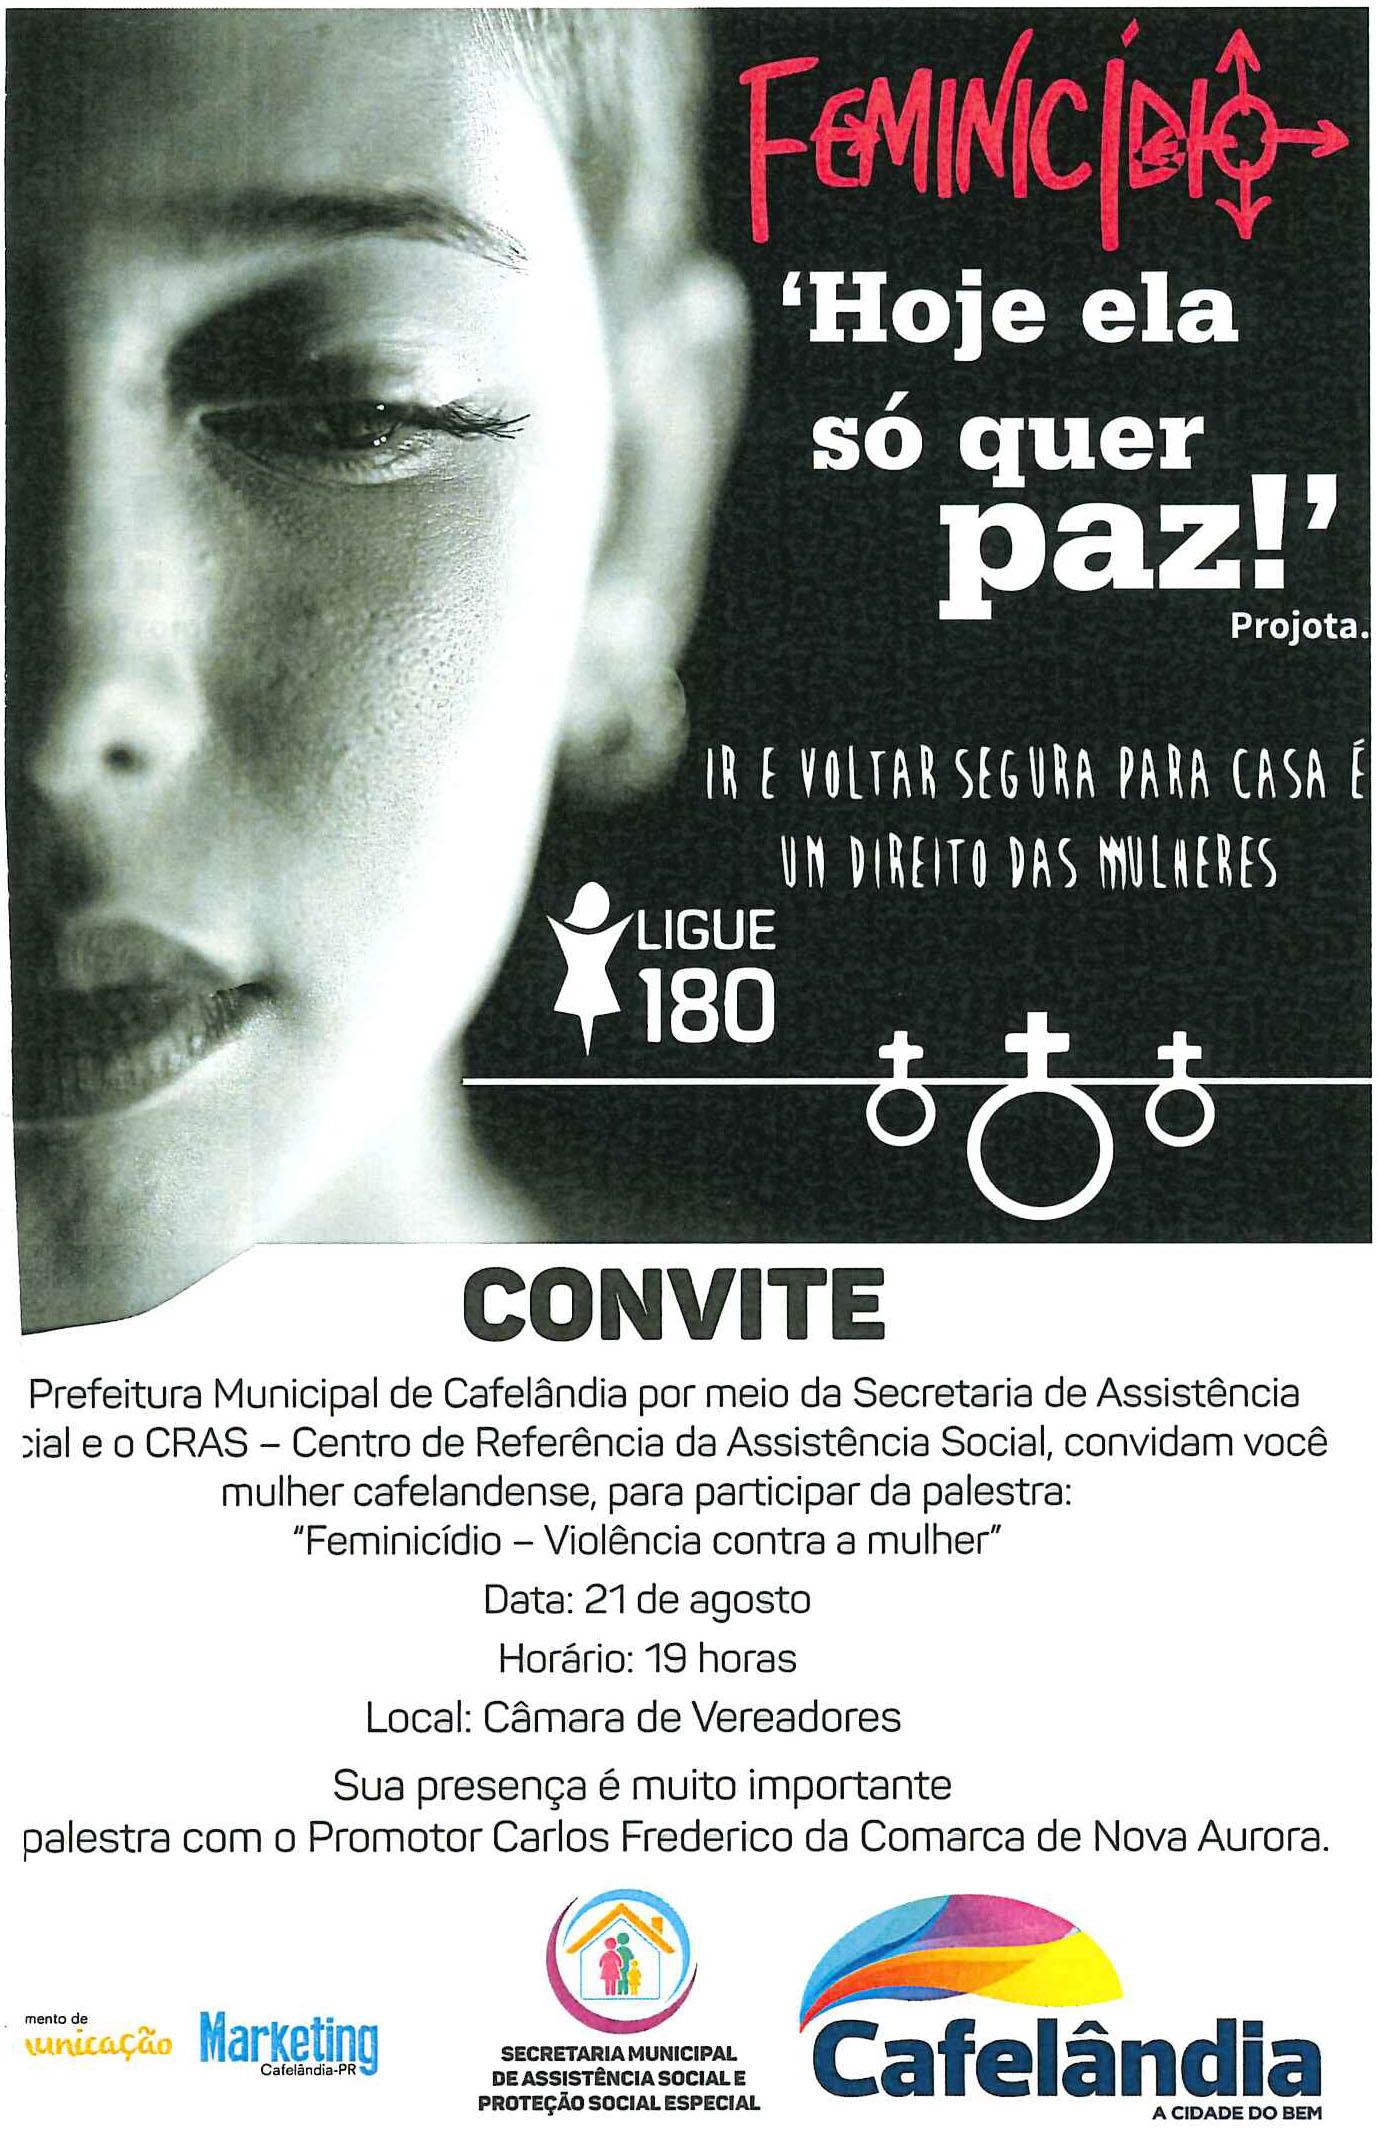 Evento sobre o Feminicidio é realizado na Câmara Municipal de Cafelândia